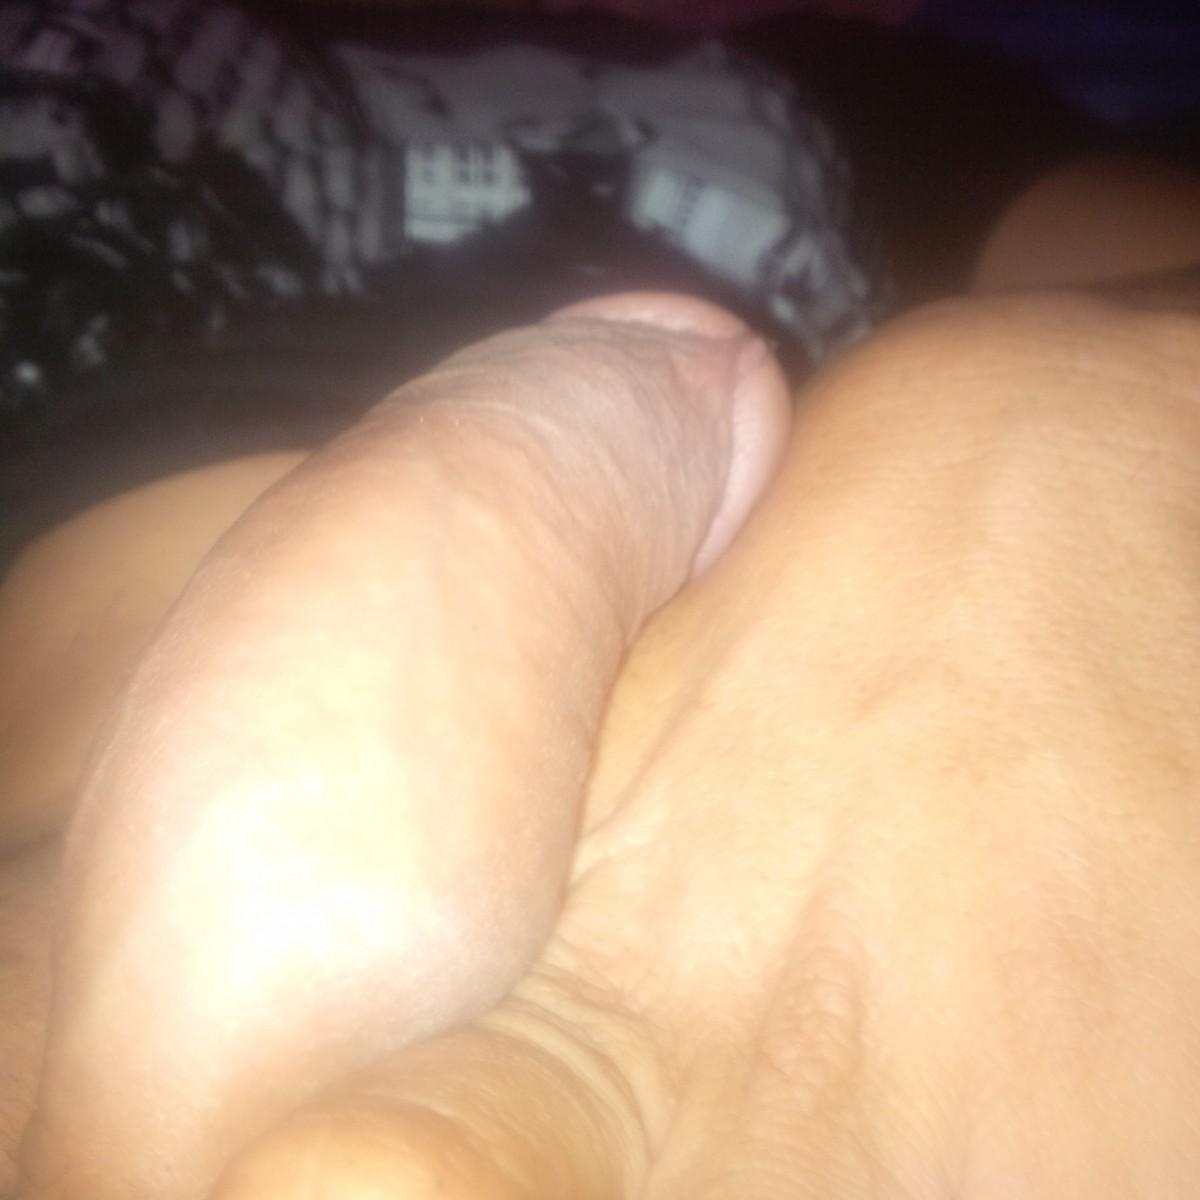 Sexypenis3